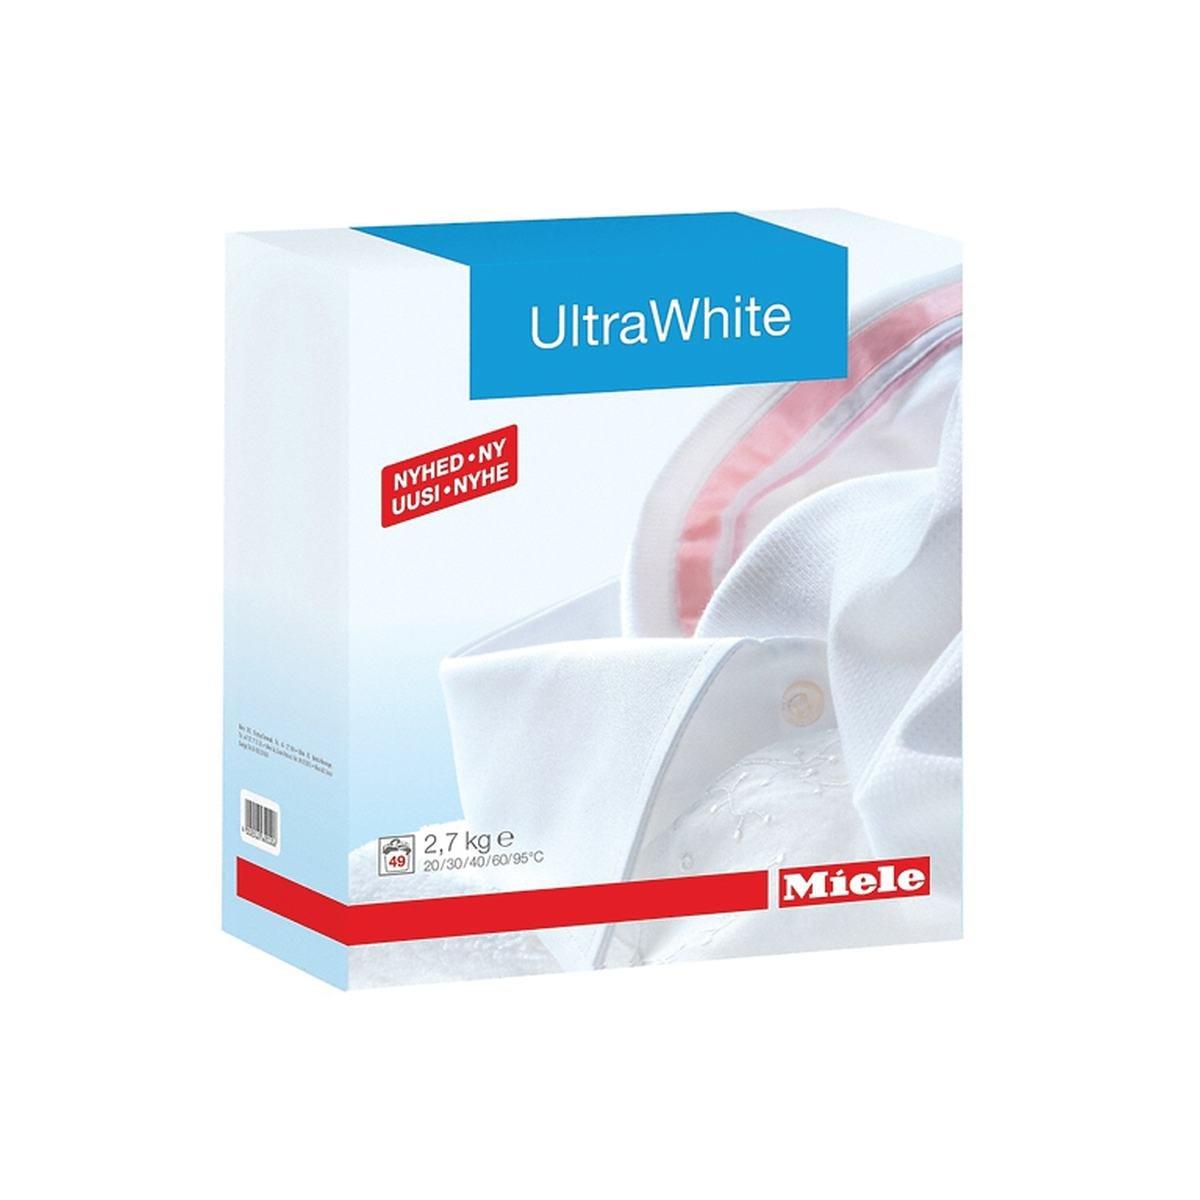 UltraWhite tvättmedel 2,7 kg - Miele